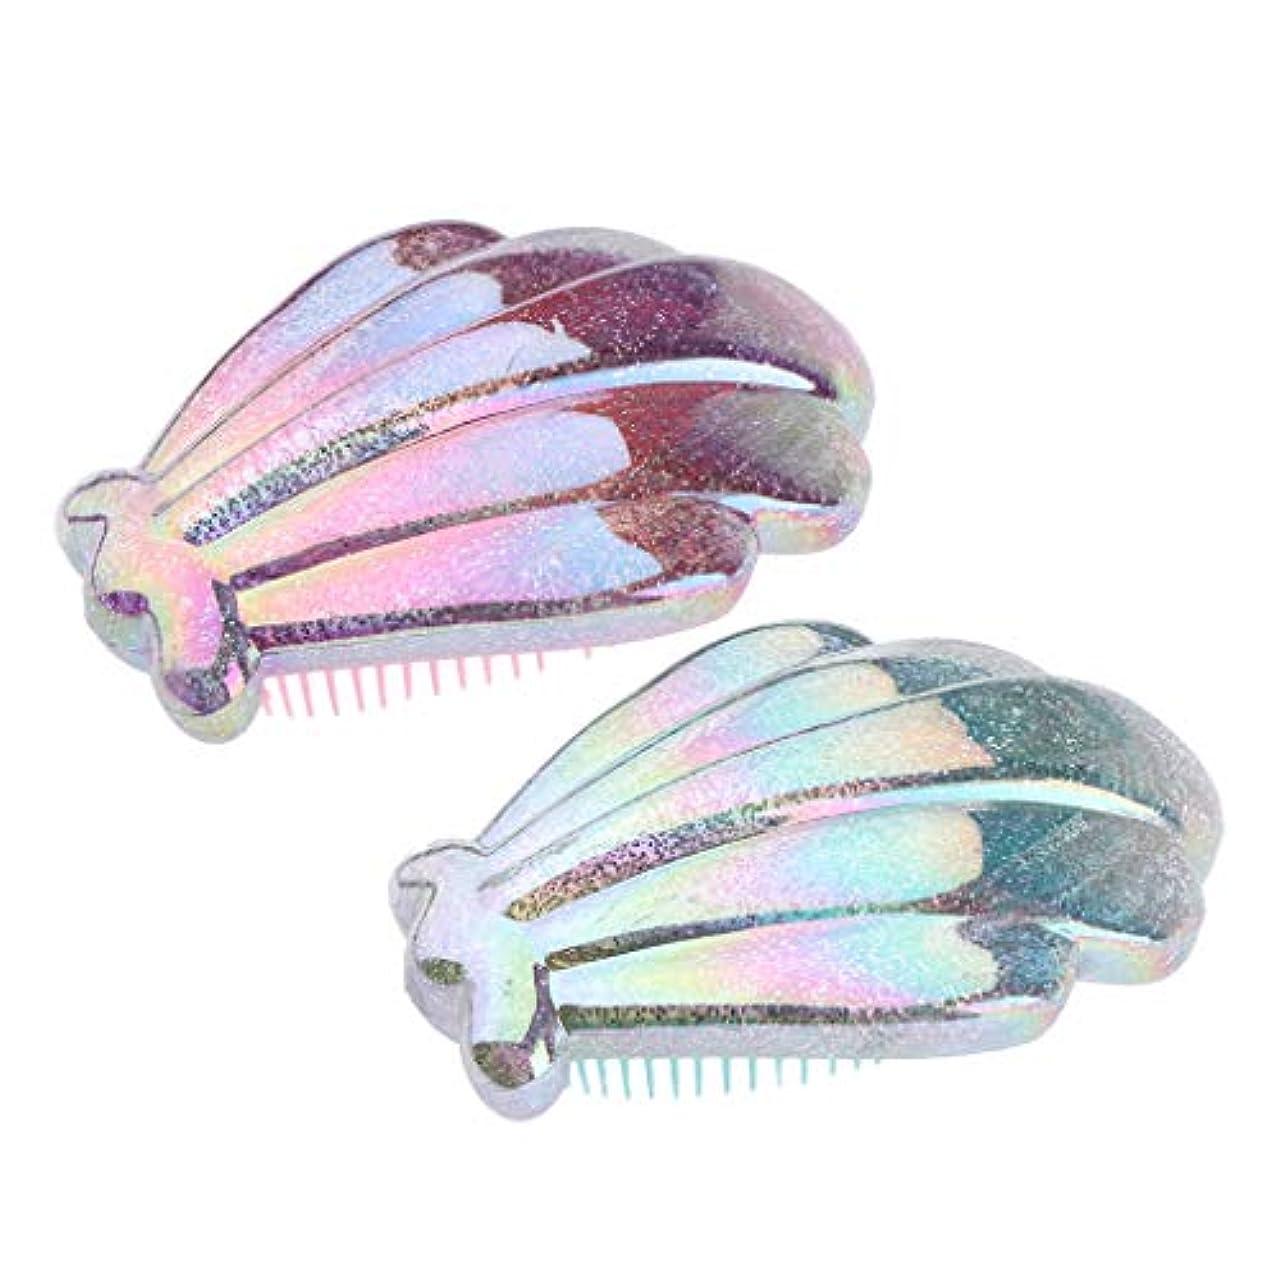 ホステスリマ丘2個入 ヘアブラシ クッションブラシ コーム 櫛 ヘアケア 髪 美髪ケア 静電気防止 頭皮マッサージ